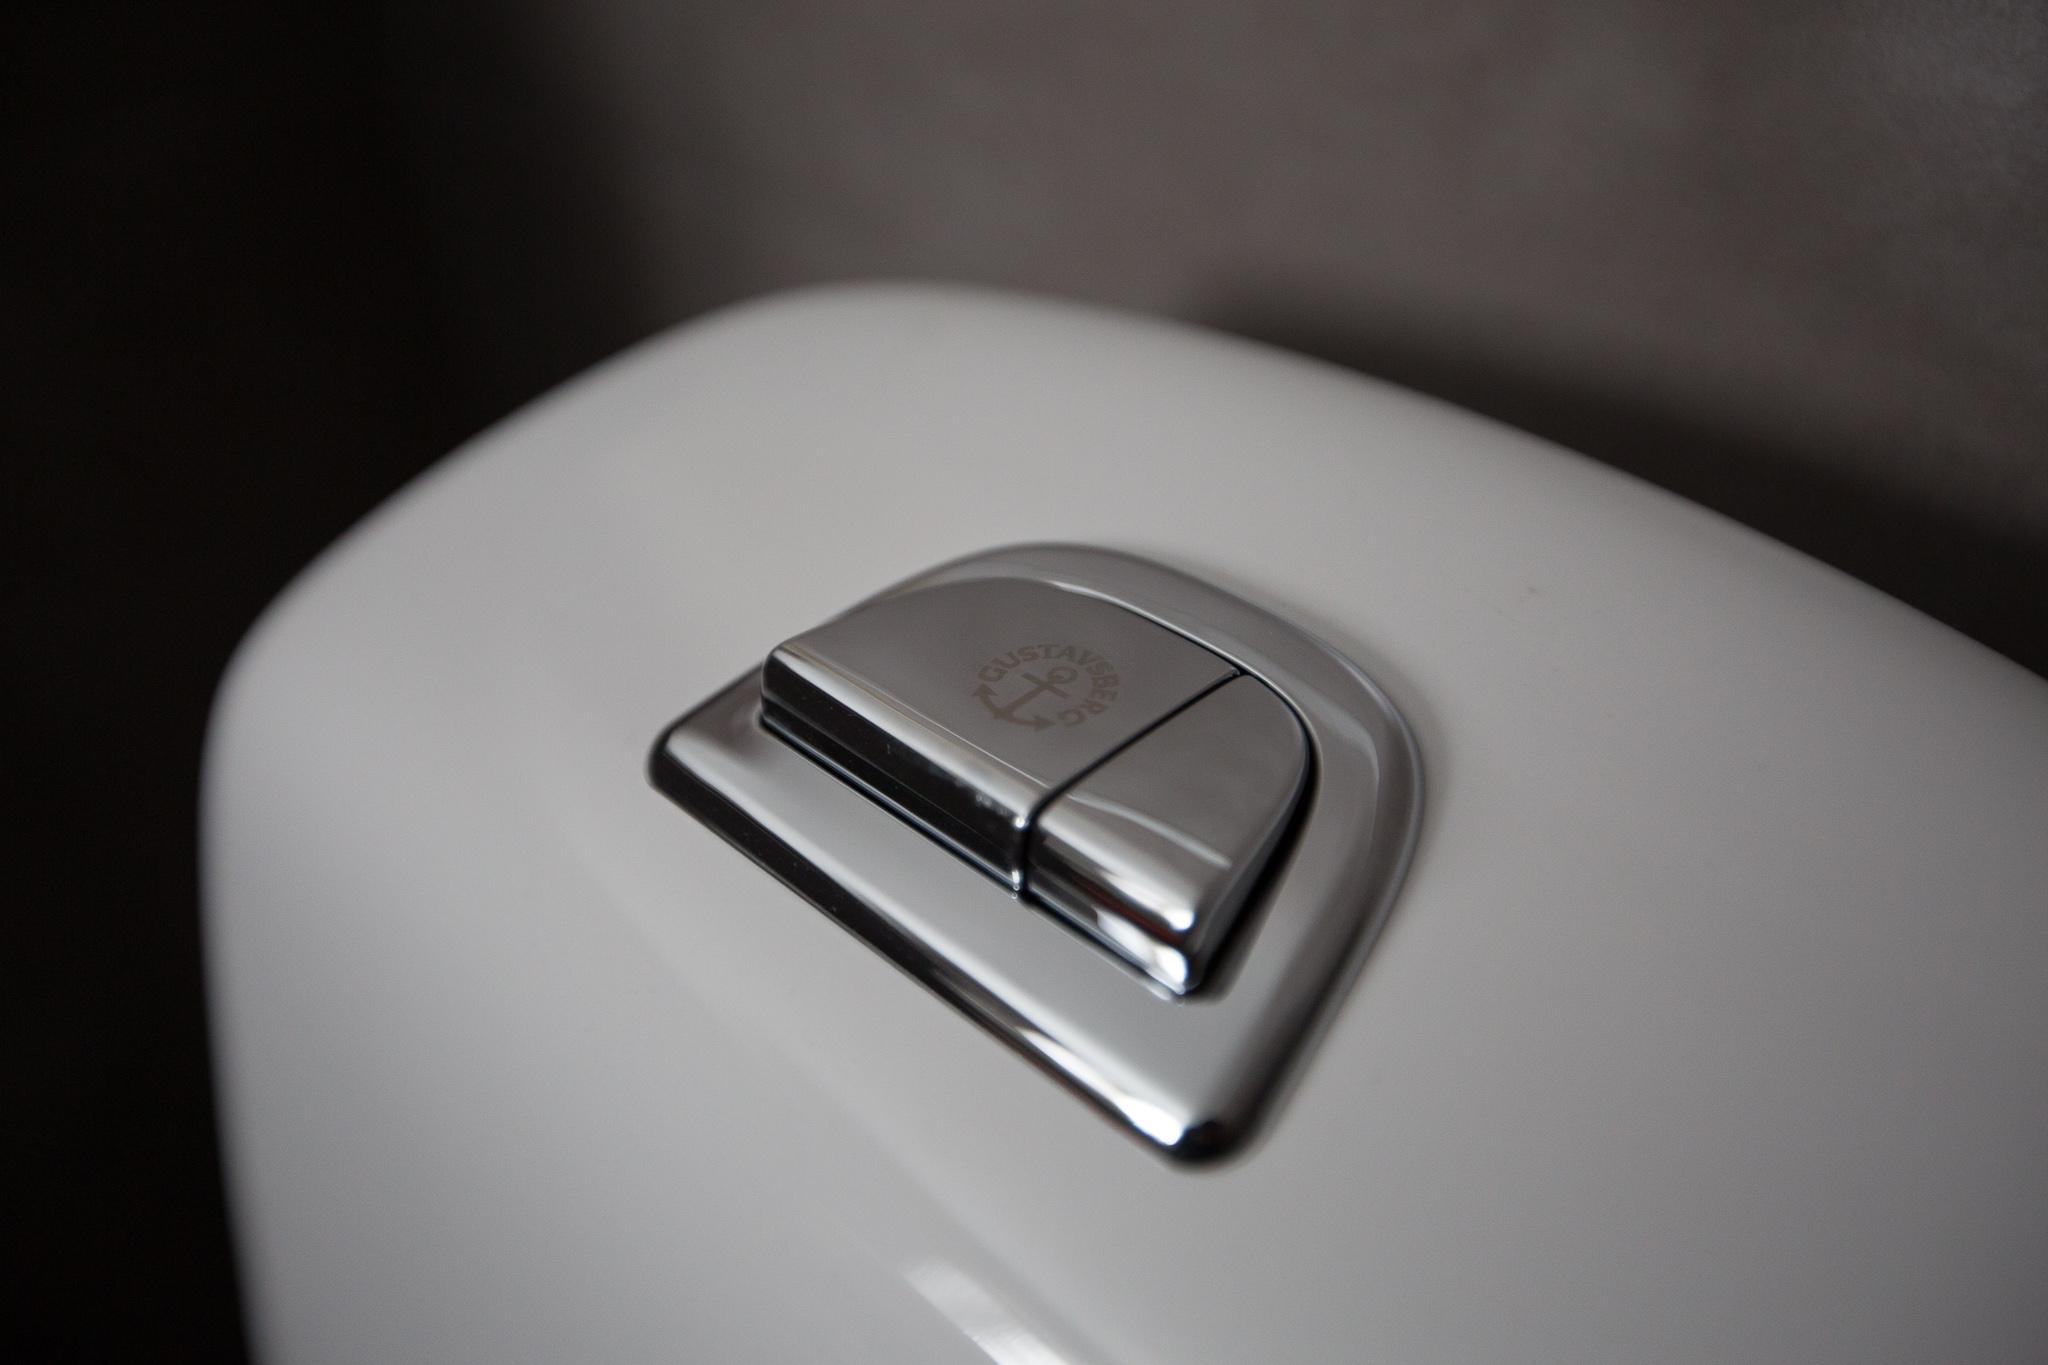 Våra miljövänliga badrumsmöbler, -porslin och blandare kommer från Gustavsberg som vi är glada att ha med som  sponsorer  av bloggen!